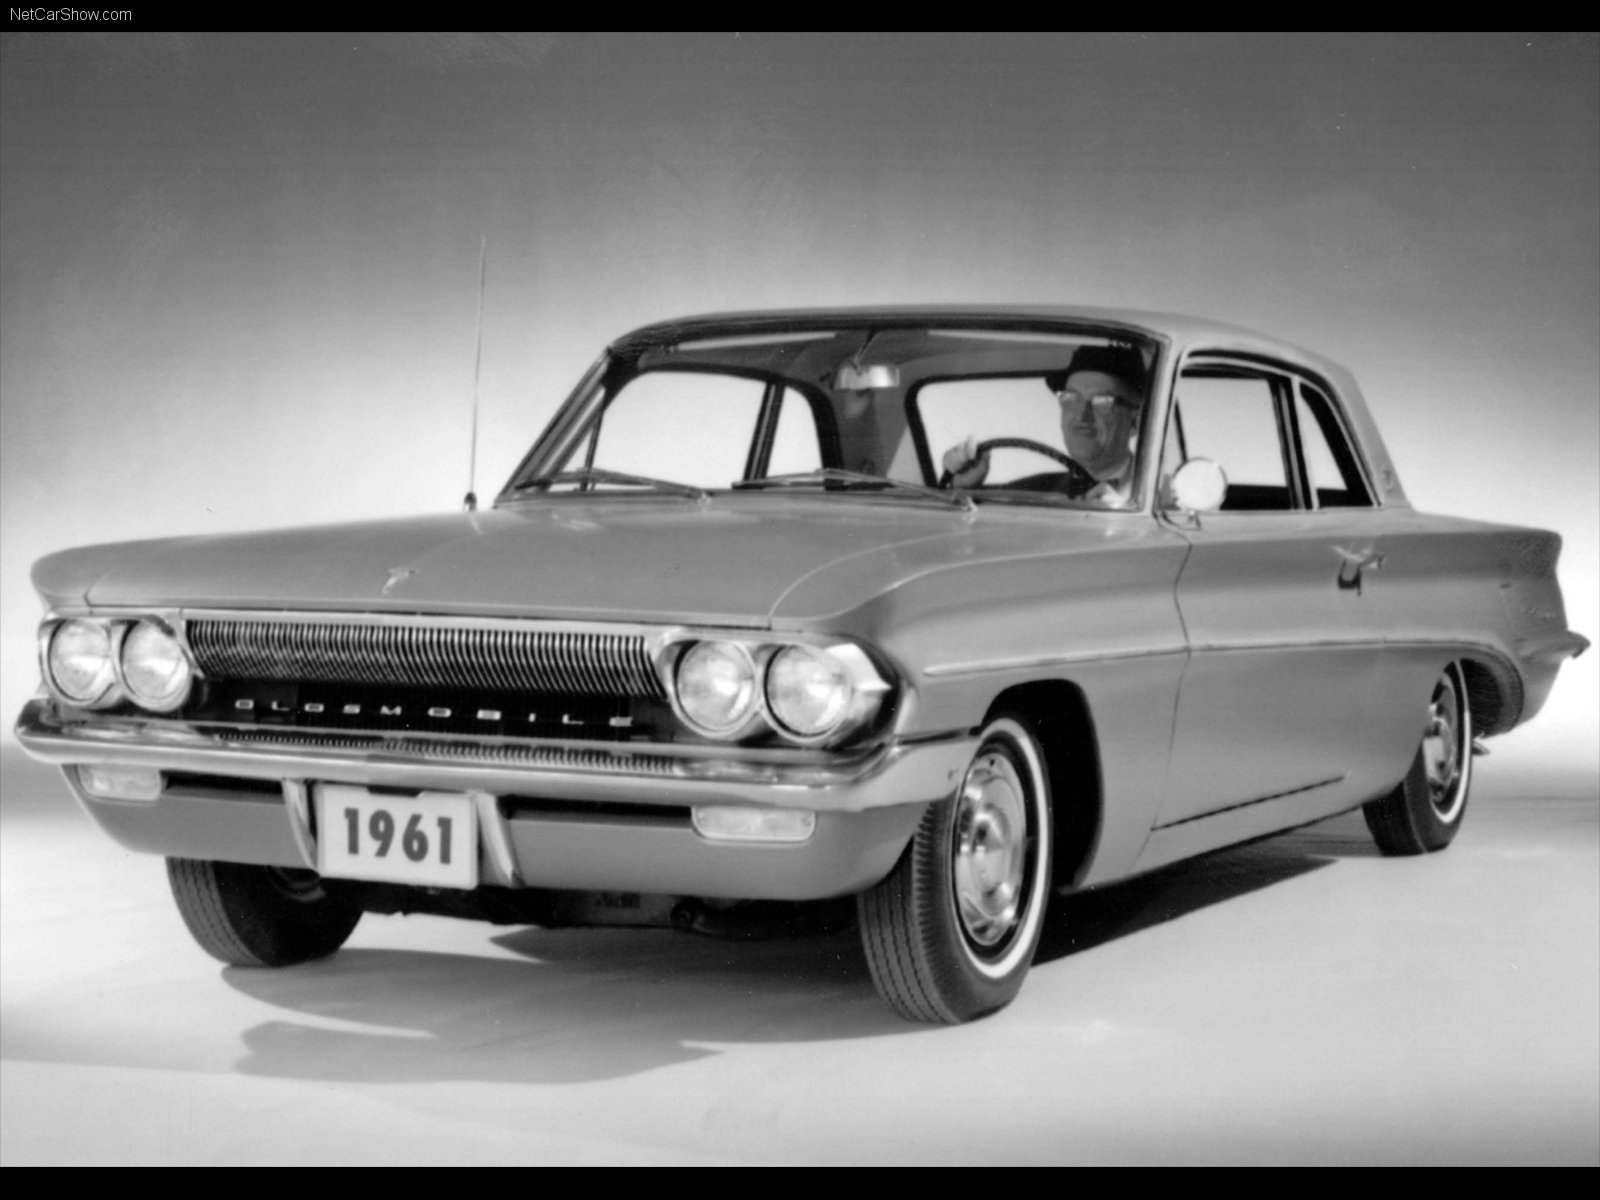 Hình ảnh xe ô tô Oldsmobile Cutlass 1961 & nội ngoại thất